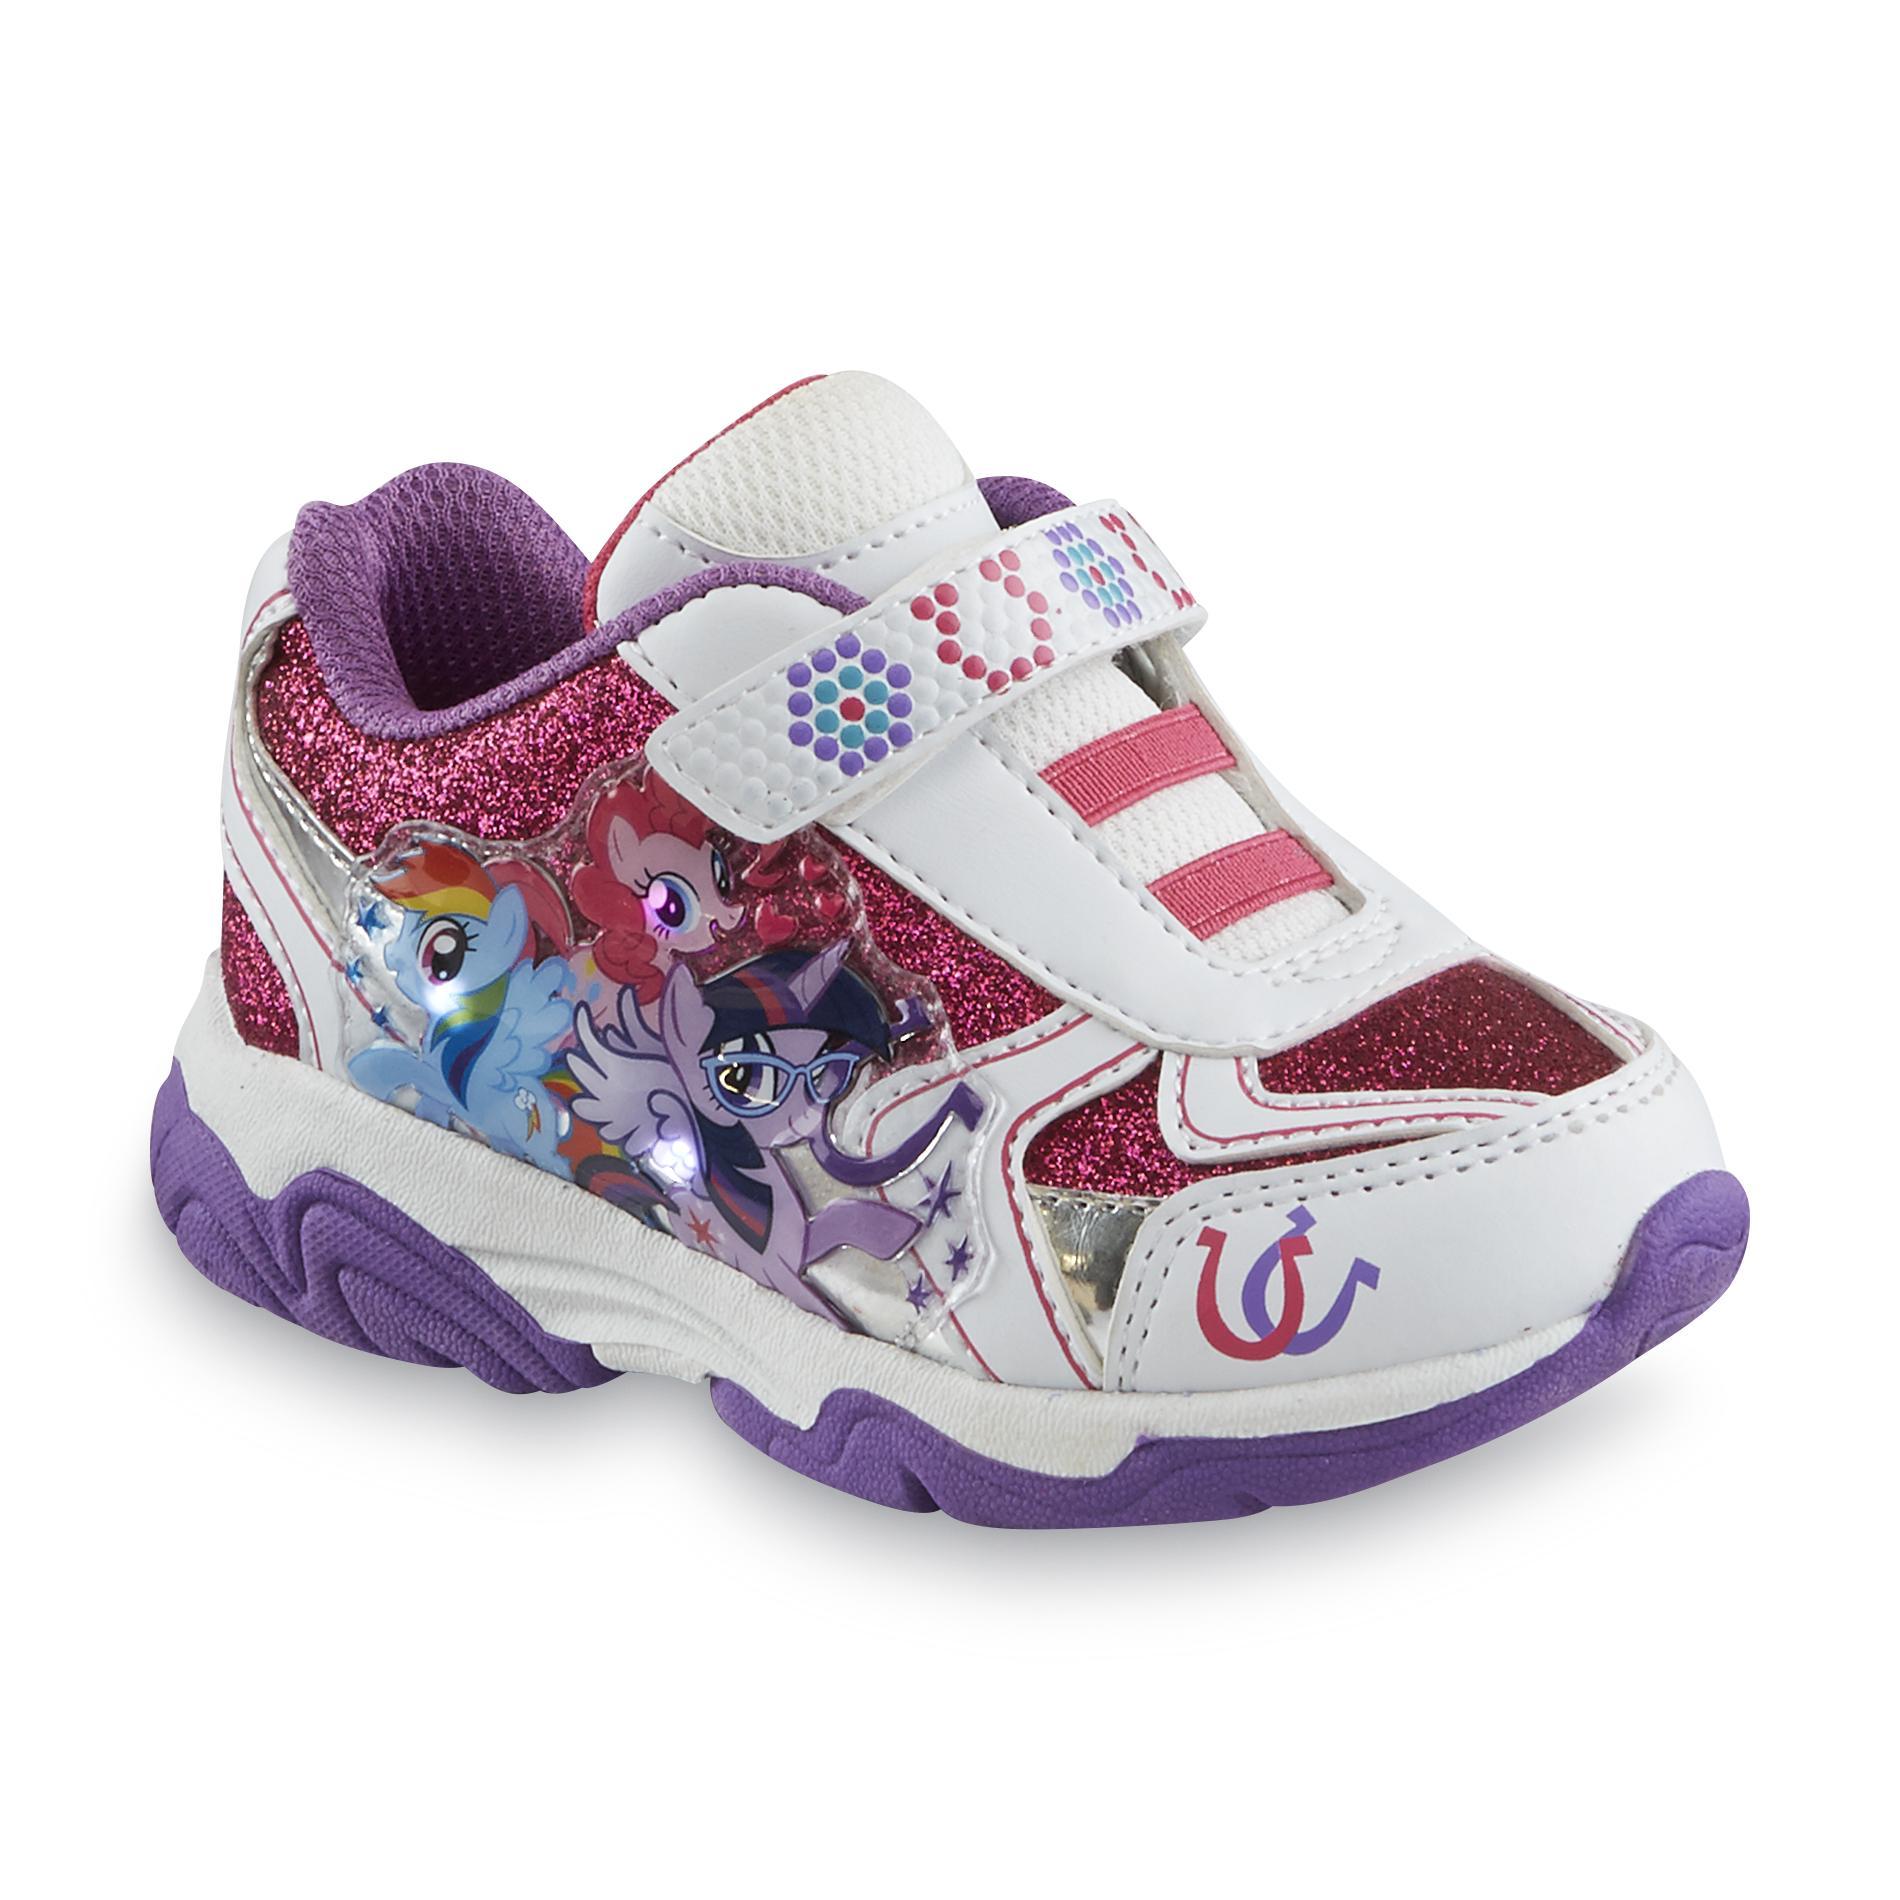 My Little Pony Toddler Girl's White/Purple Glittered Light-Up Sneaker